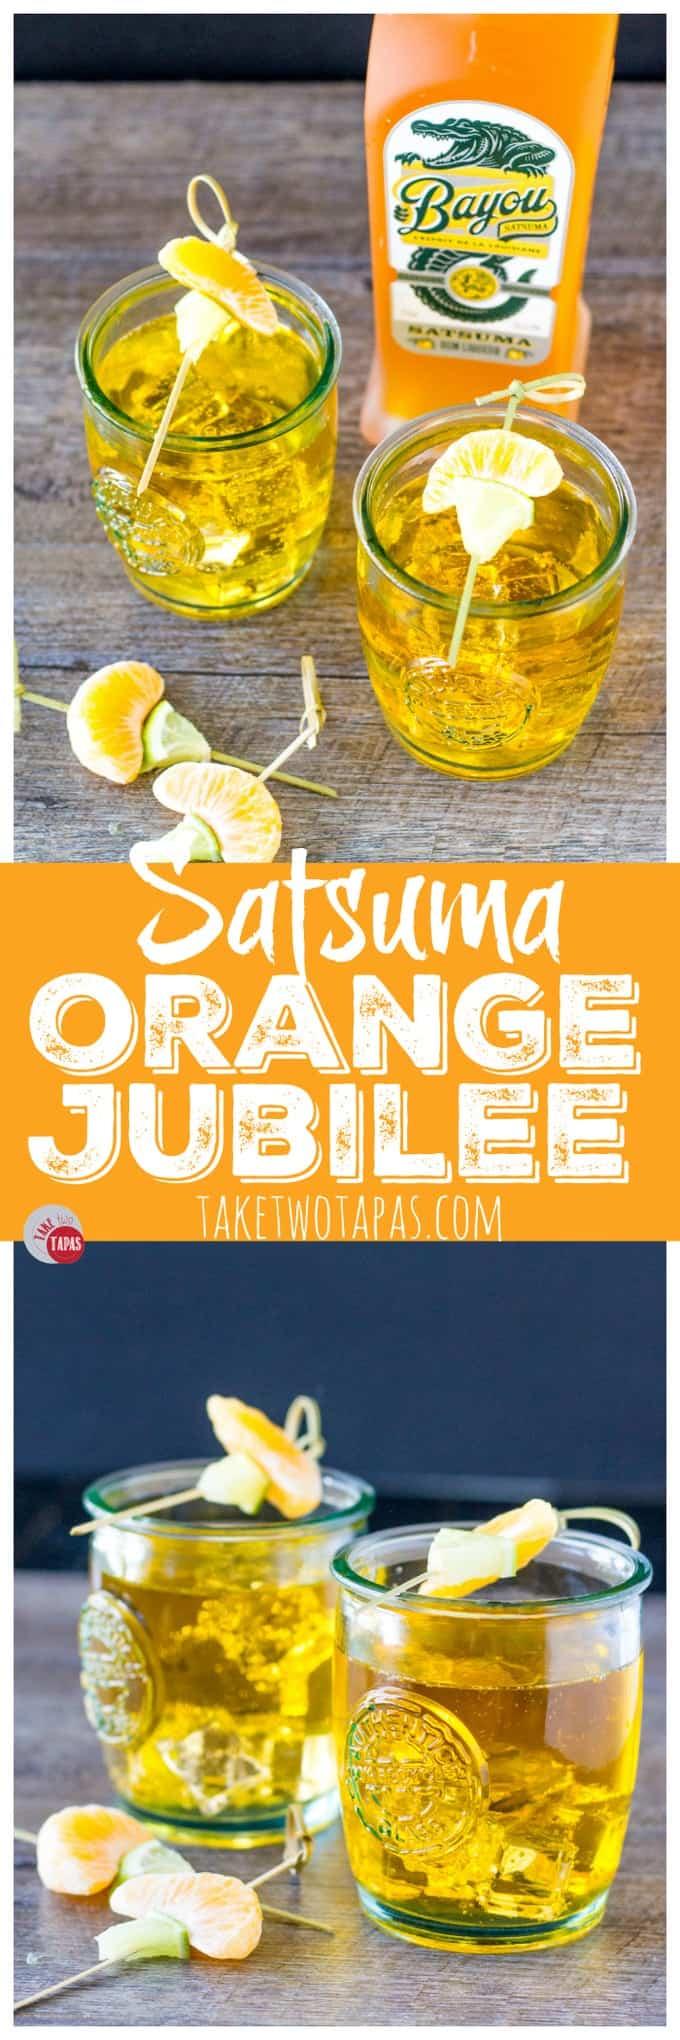 Orange Jubilee 3 ingredient cocktail | Take Two Tapas | #Satsuma #orange #cocktail #rum